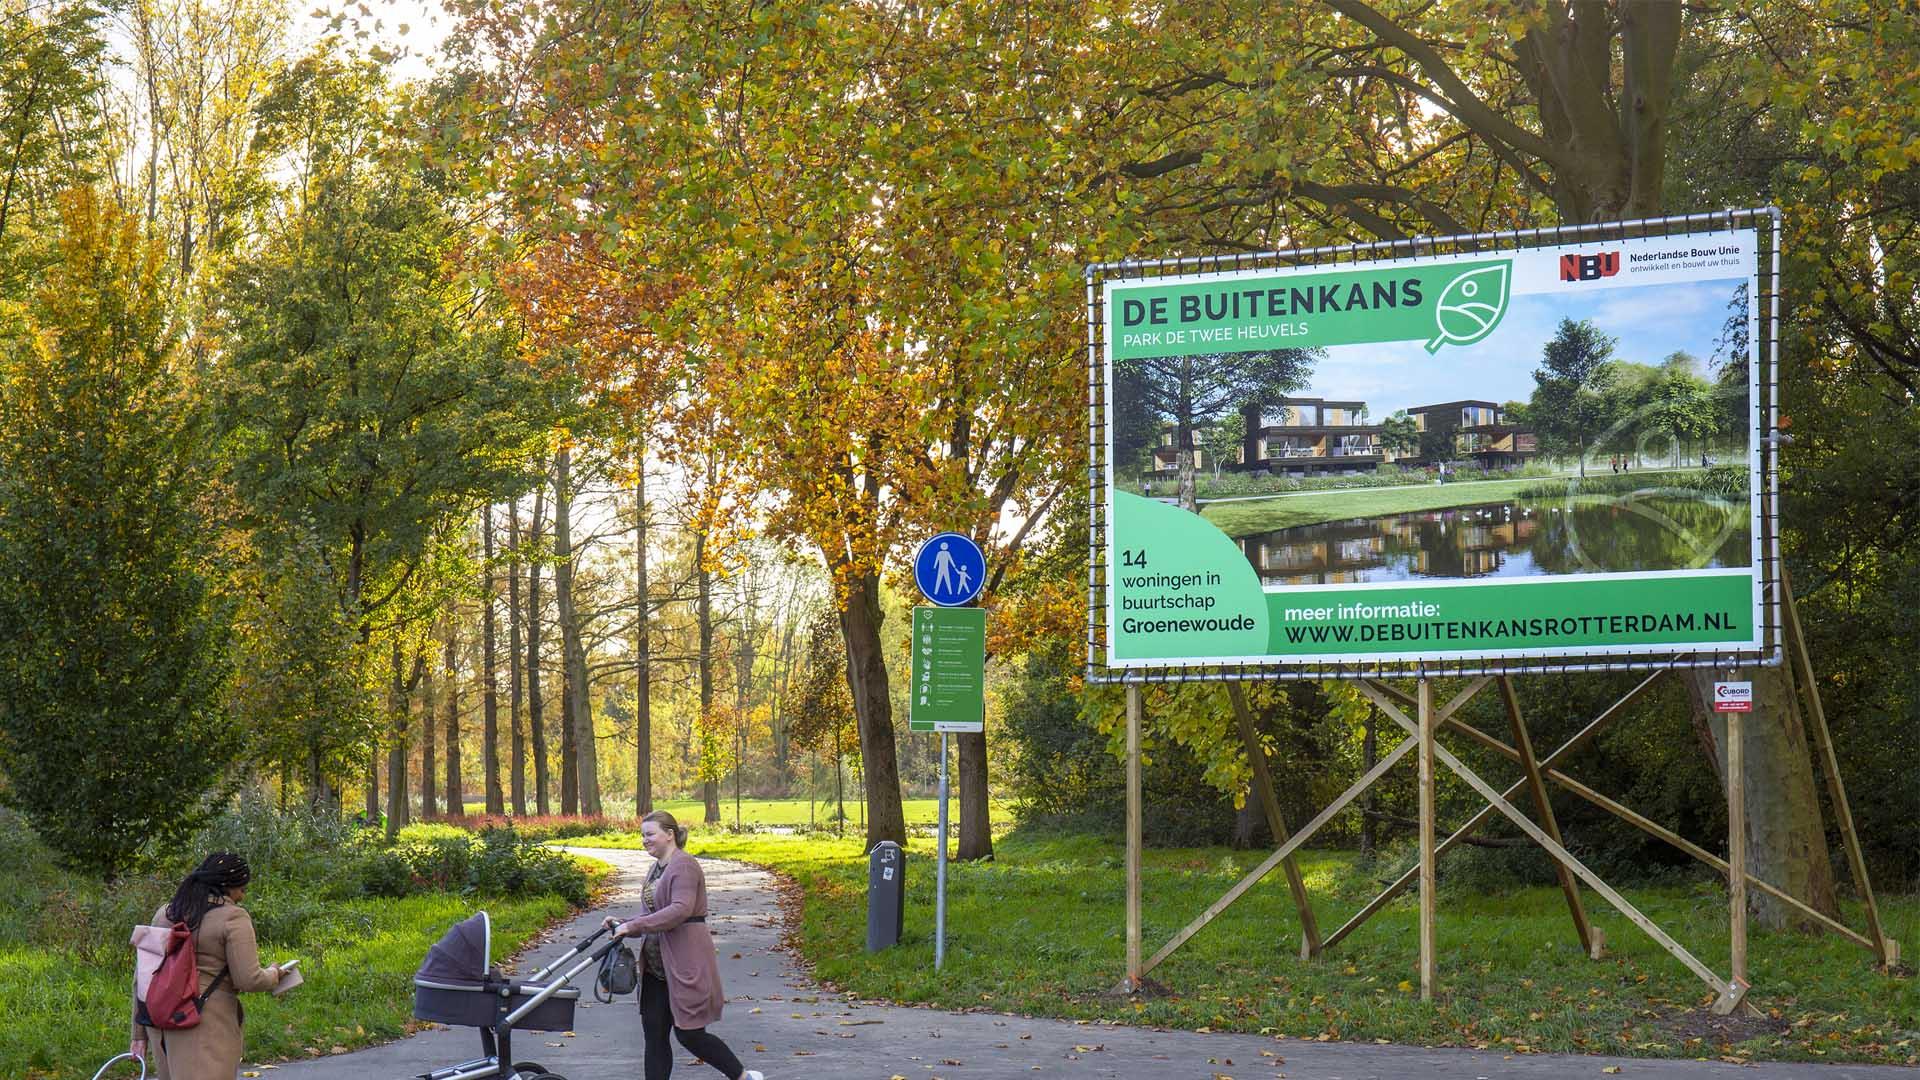 32 nieuwe woningen sieren rand van Park De Twee Heuvels in IJsselmonde